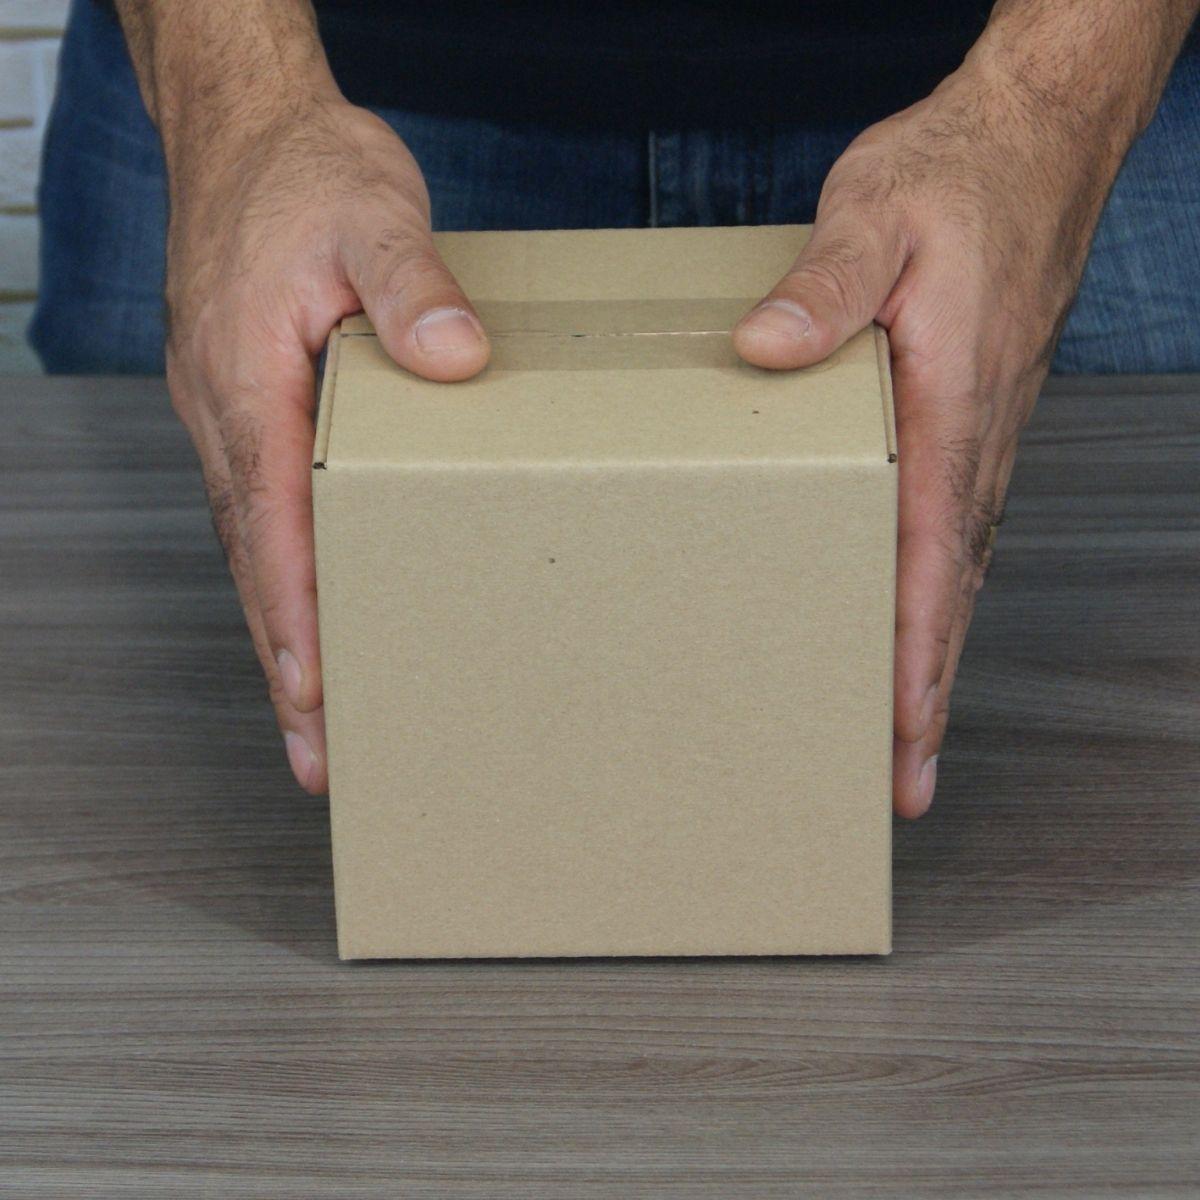 400 Caixas de Papelao (15X15X15)cm - Sedex / Pac / Correios